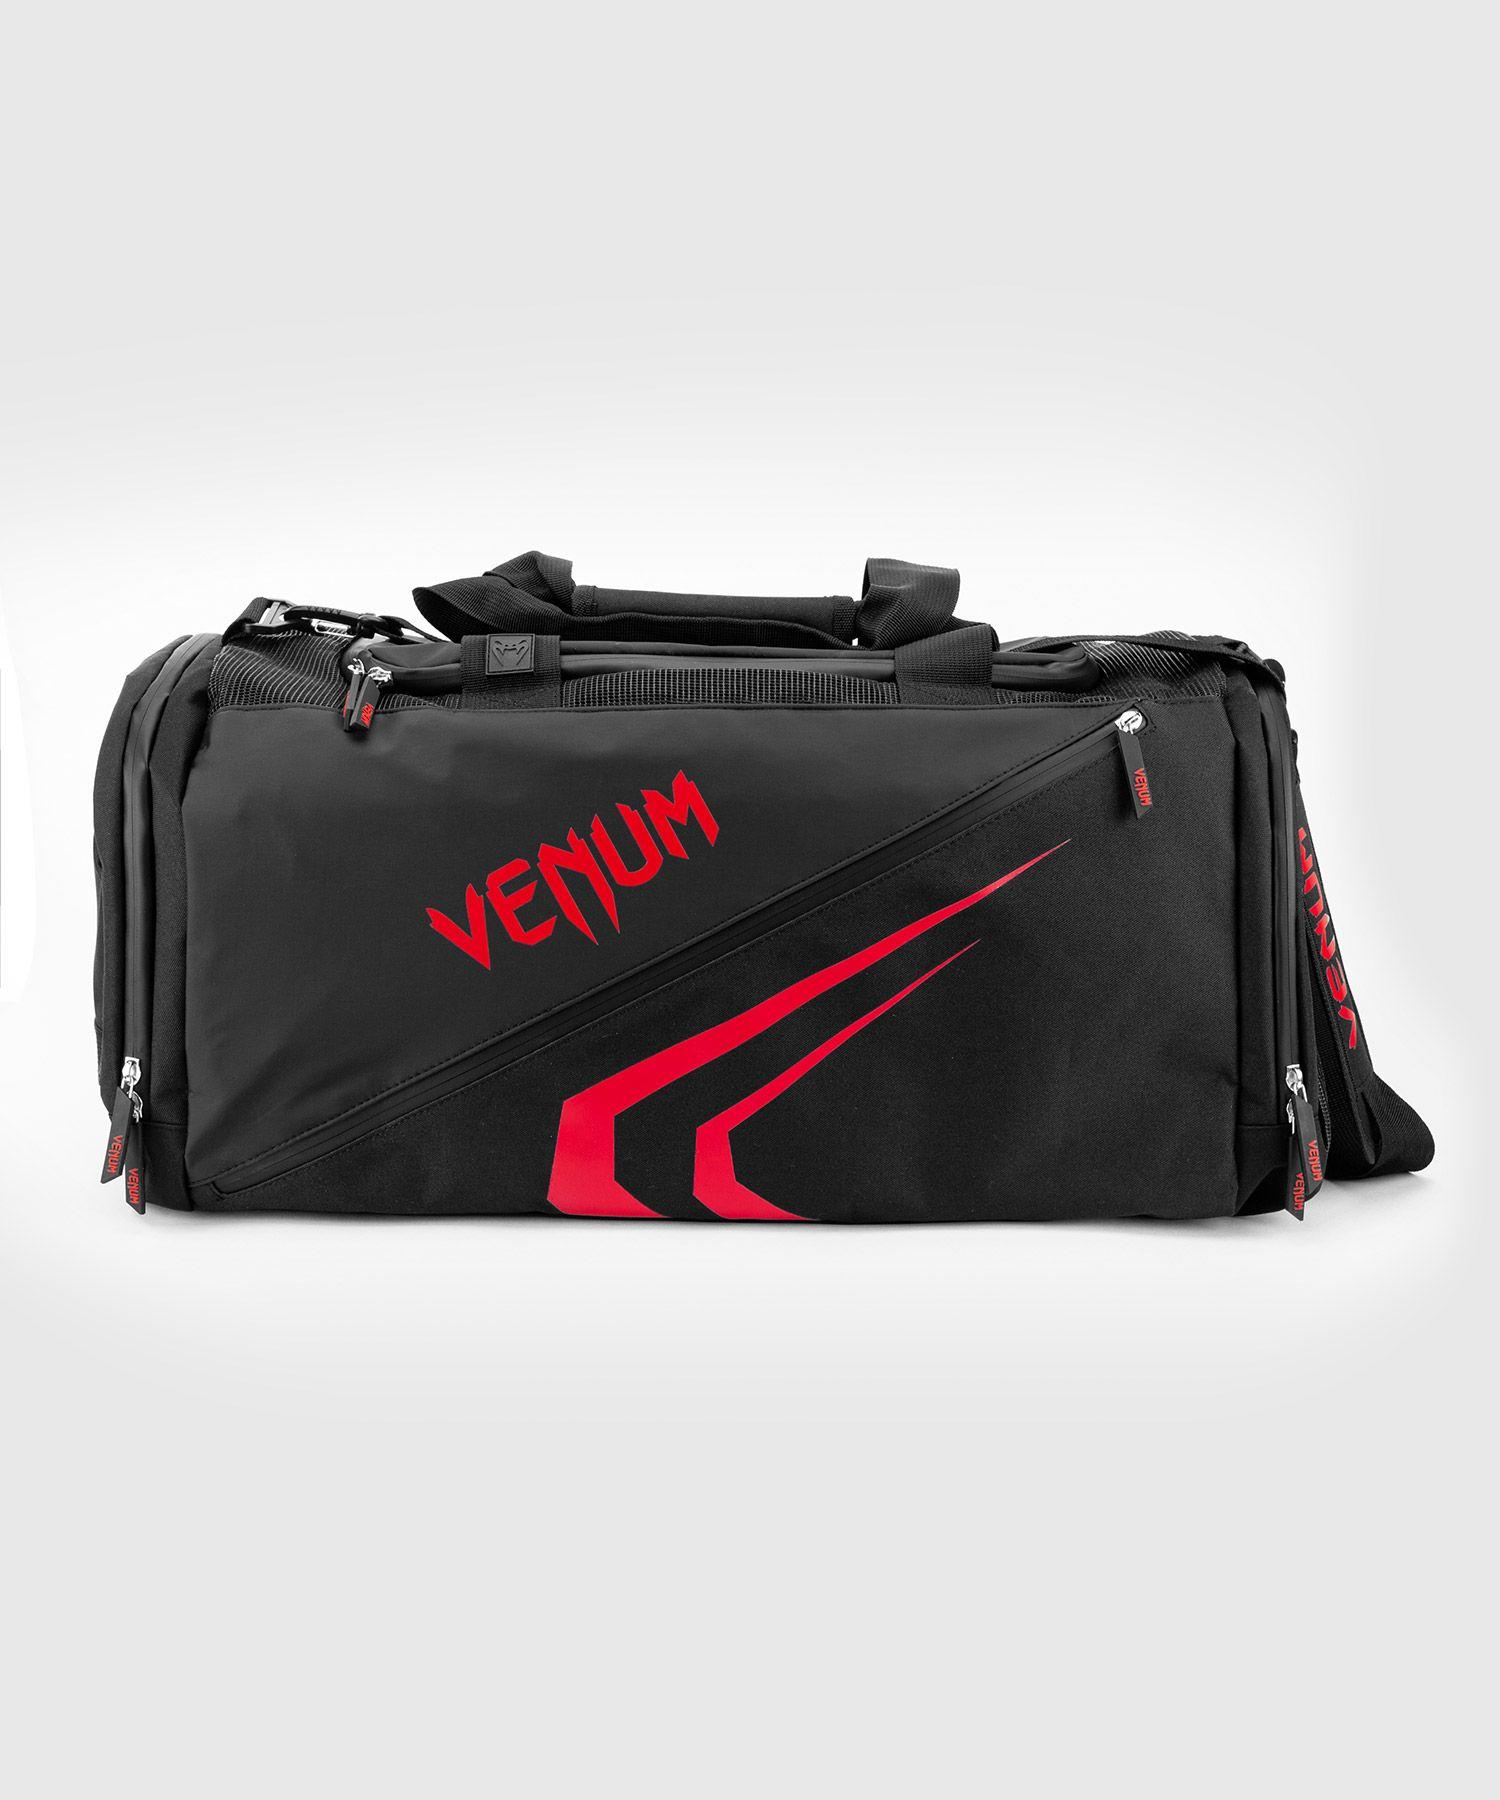 Sac de sport Venum trainer lite Noir et Rouge